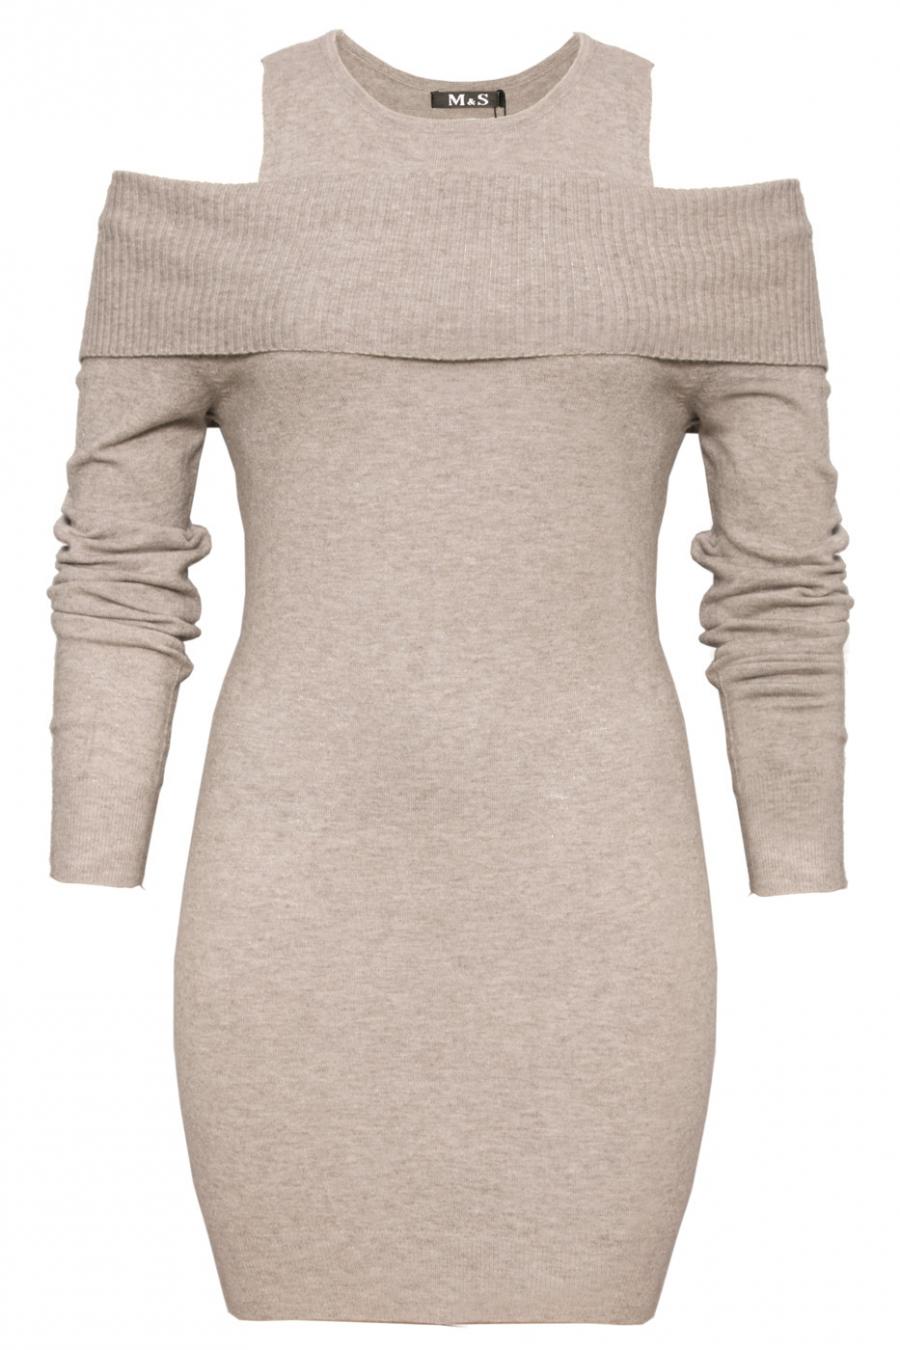 Magnifique tunique grise épaule ouverte. Vêtement mode tendance 1969